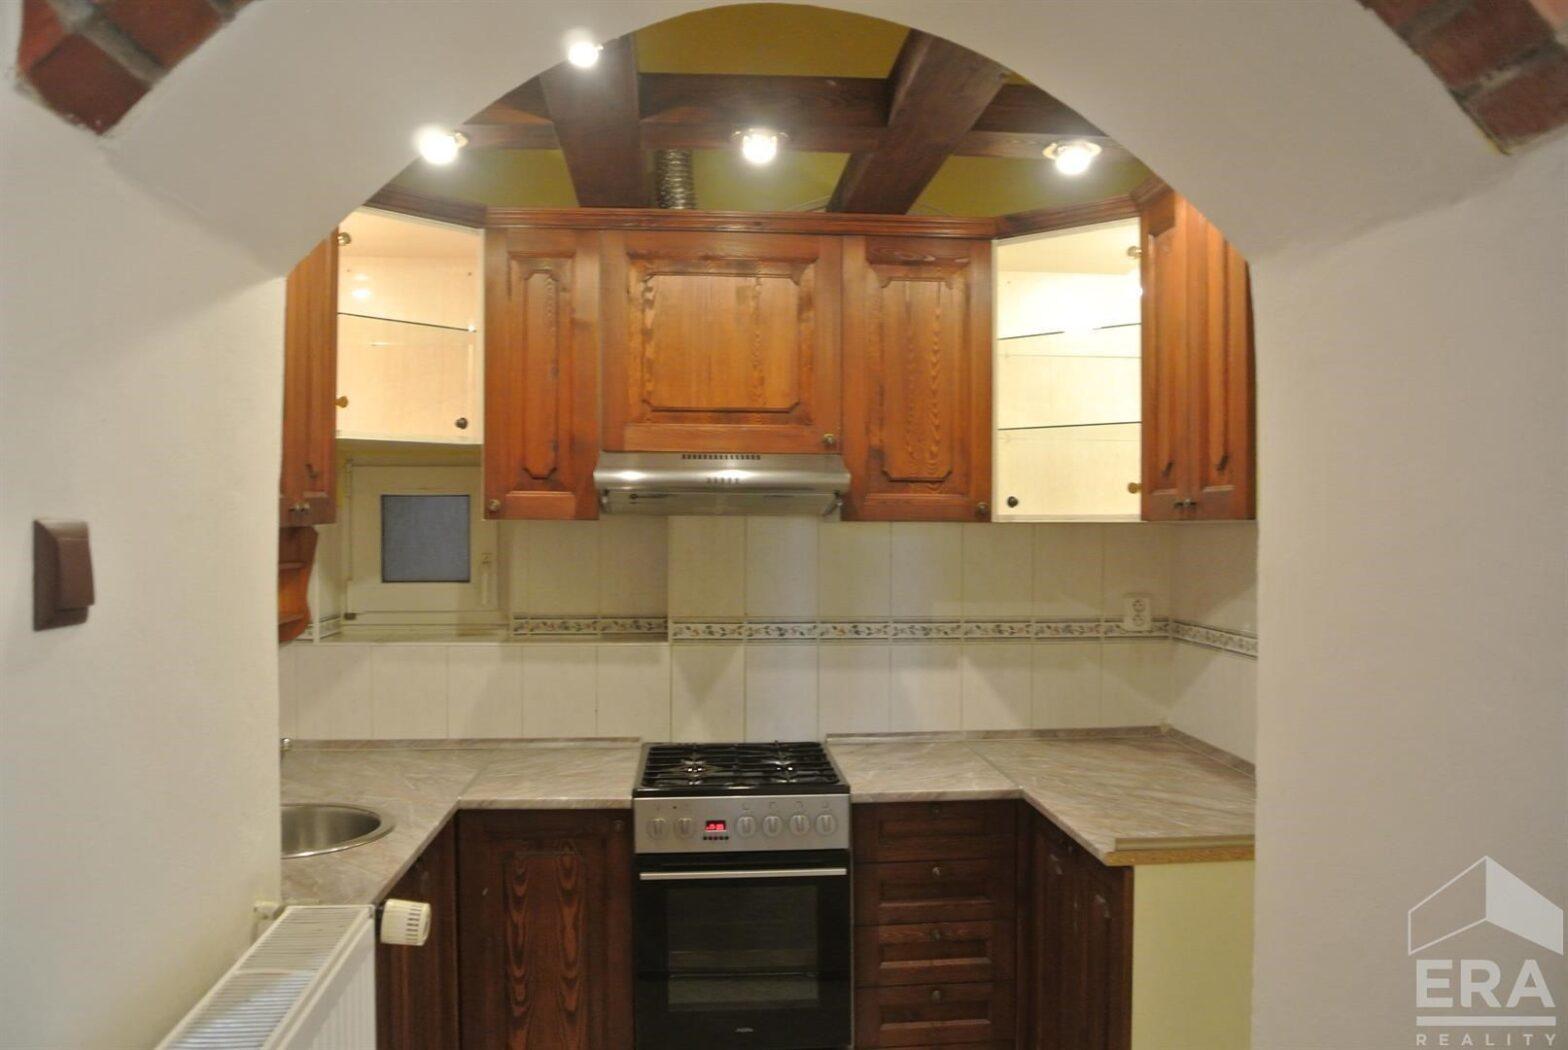 Excluzivní nabídka útulného bytu 3+1 v klasickém stylu za atraktivní cenu 66 555 Kč/m2 v Libni